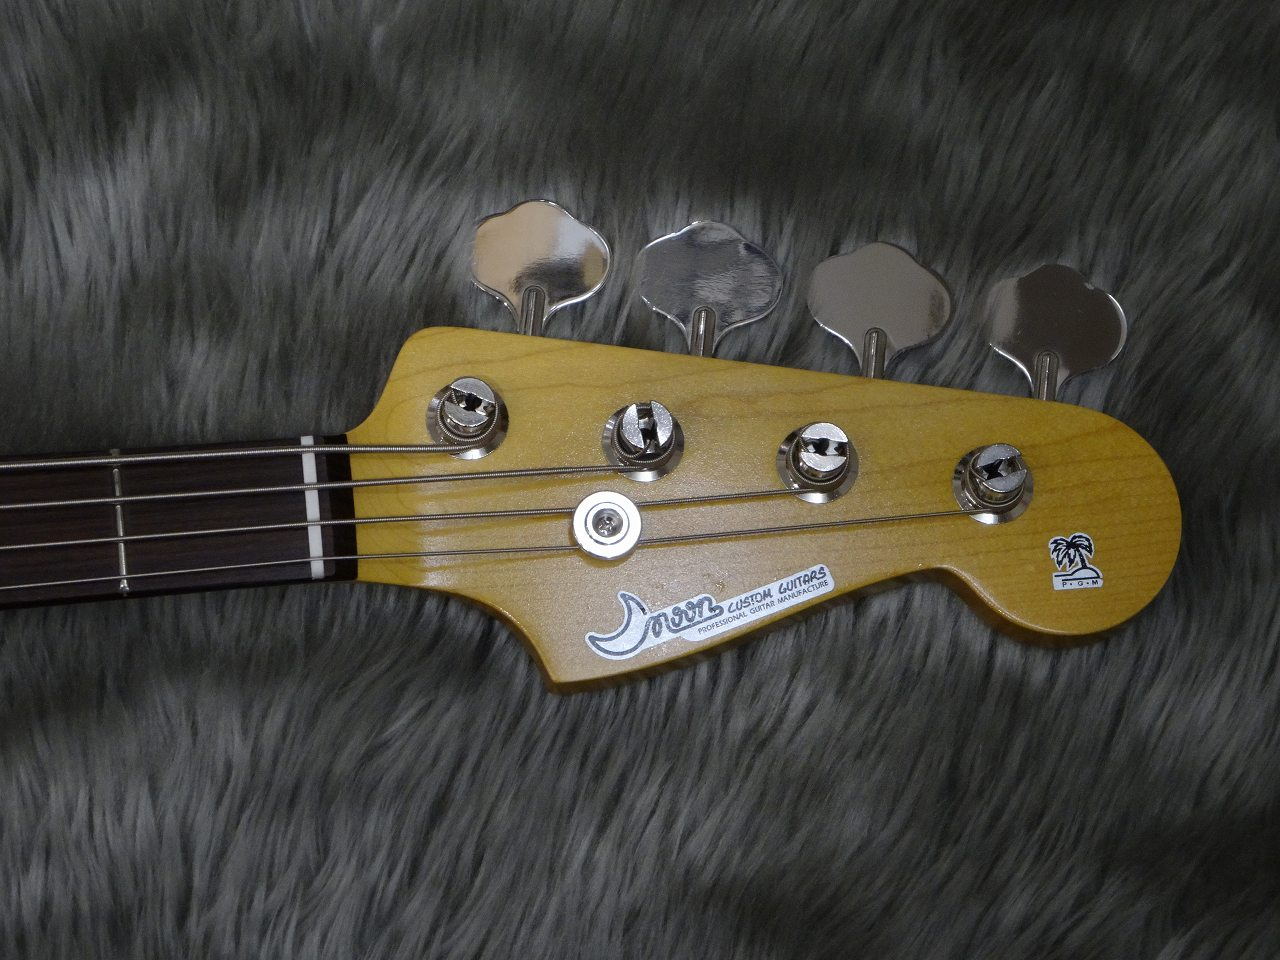 JB-LIMITEDのヘッド画像